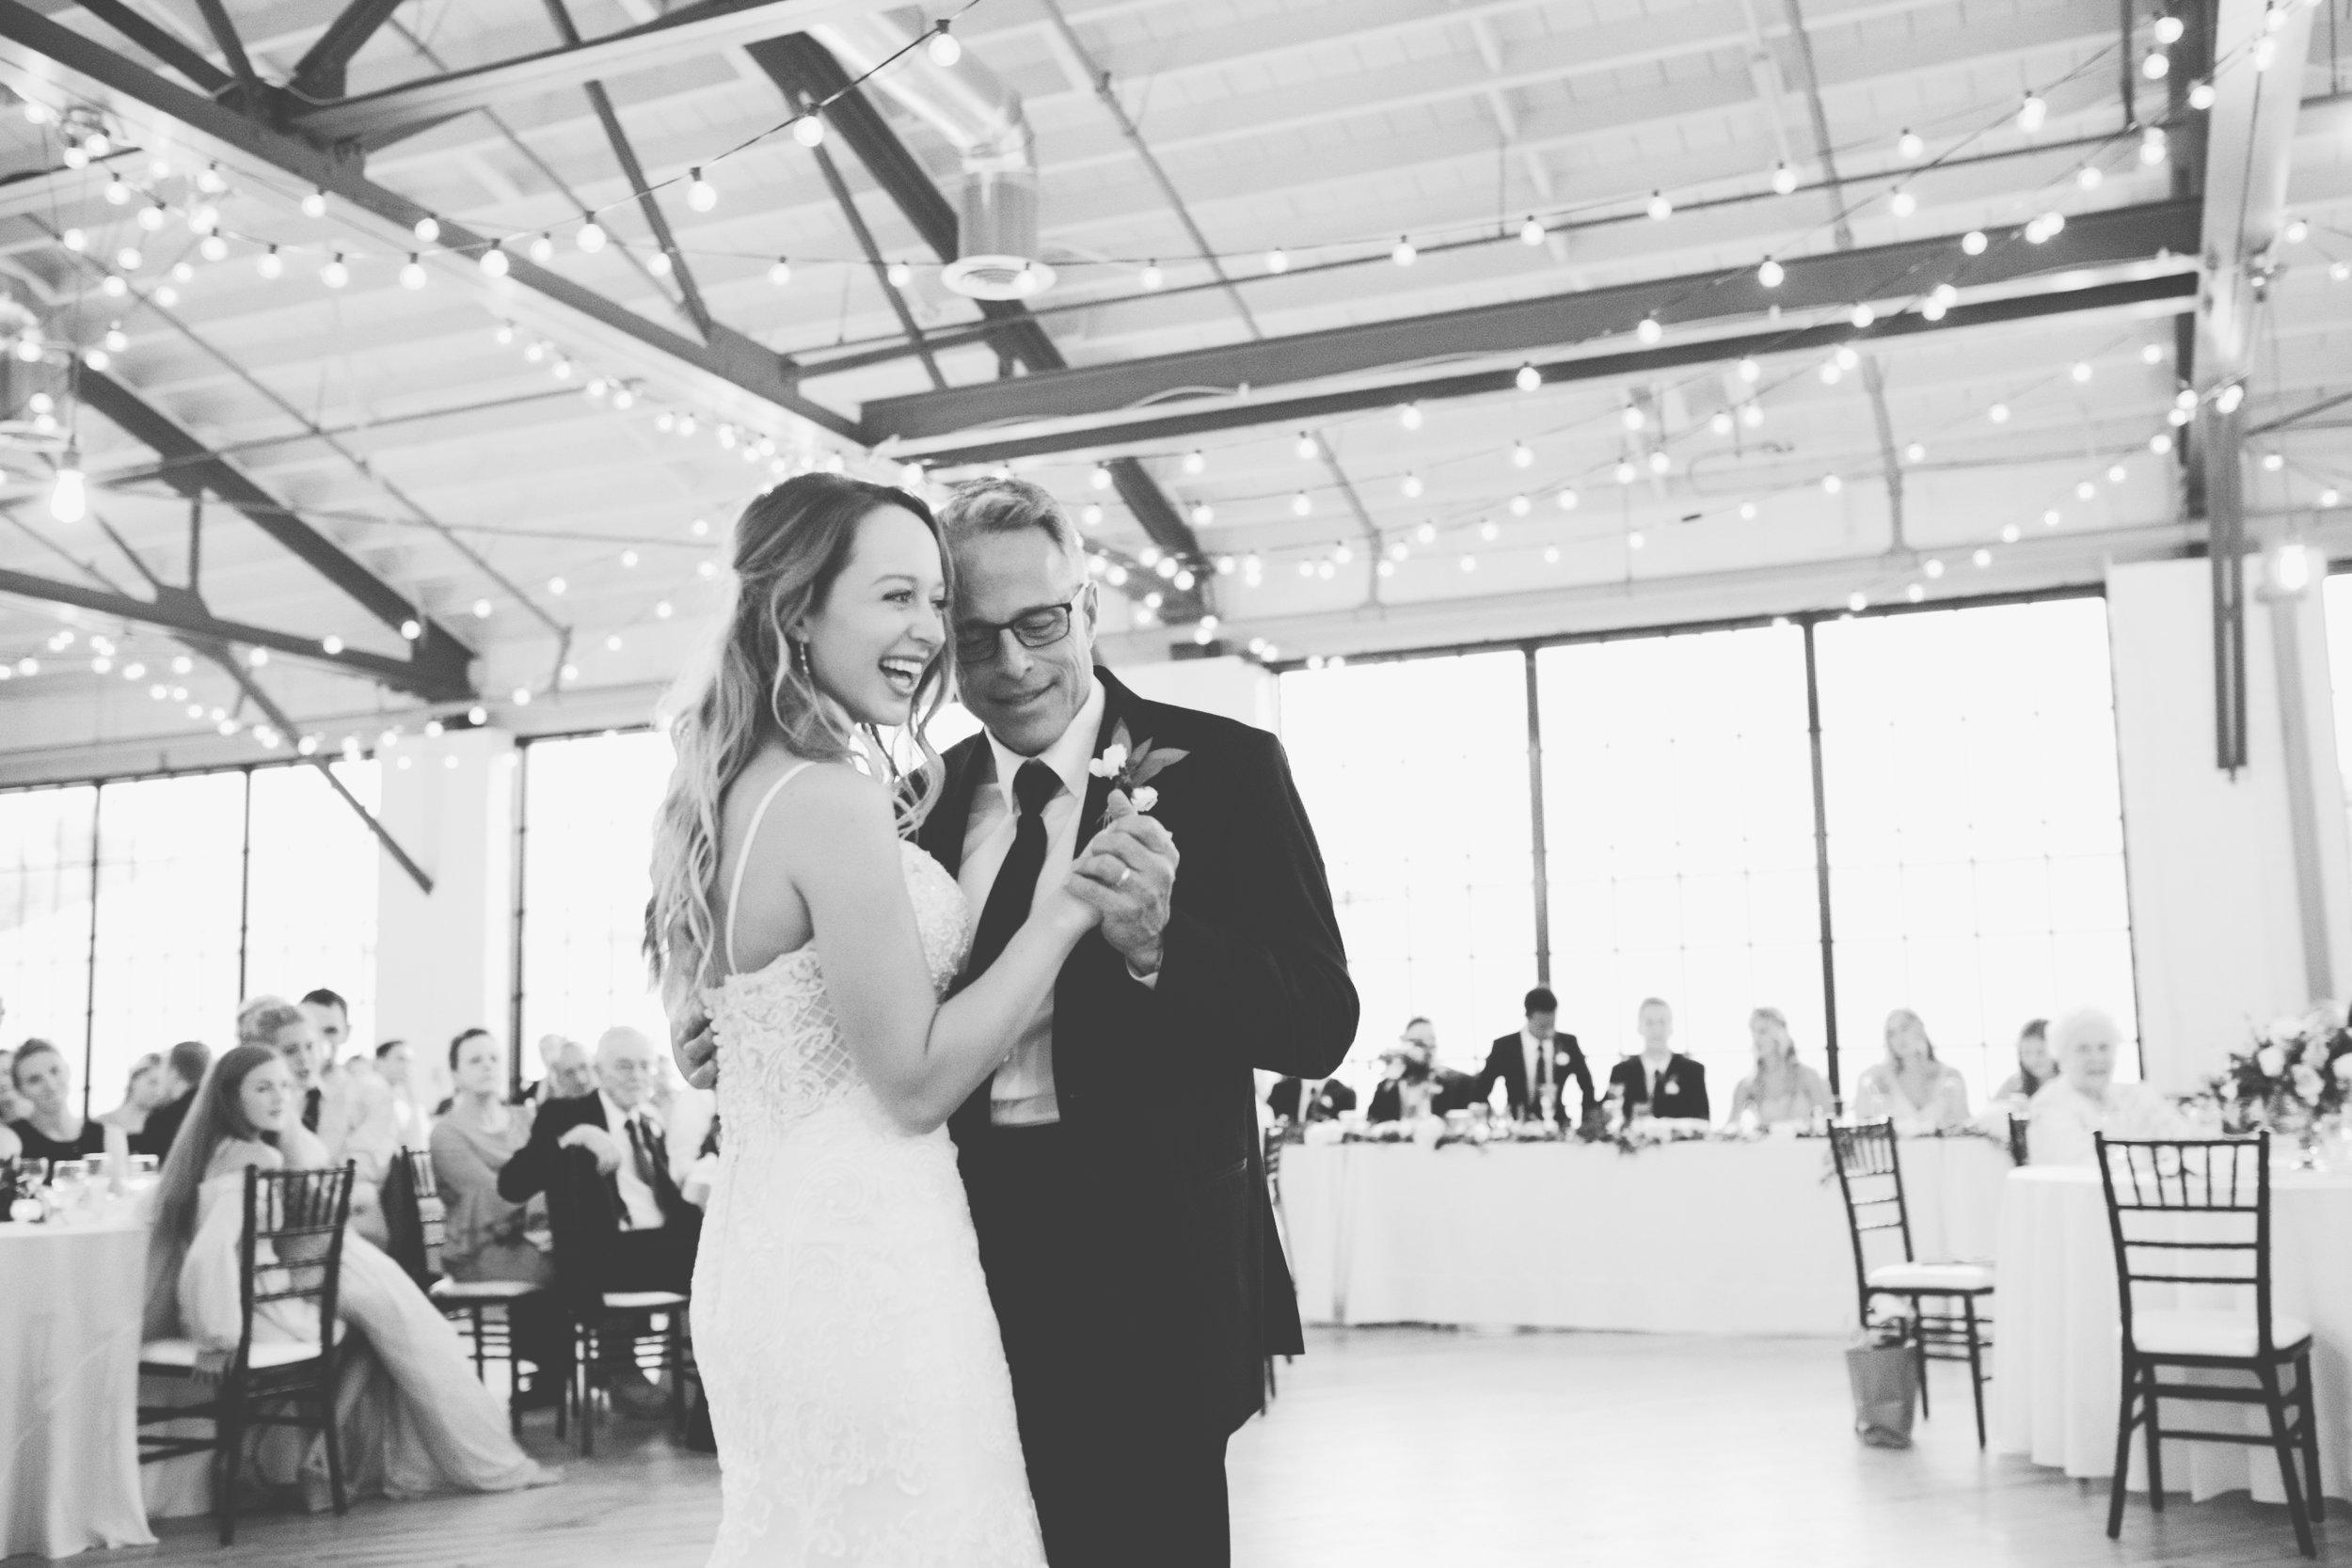 Mitch + Elizabeth The Pointe Wedding Louisville KY  (813 of 1023).jpg